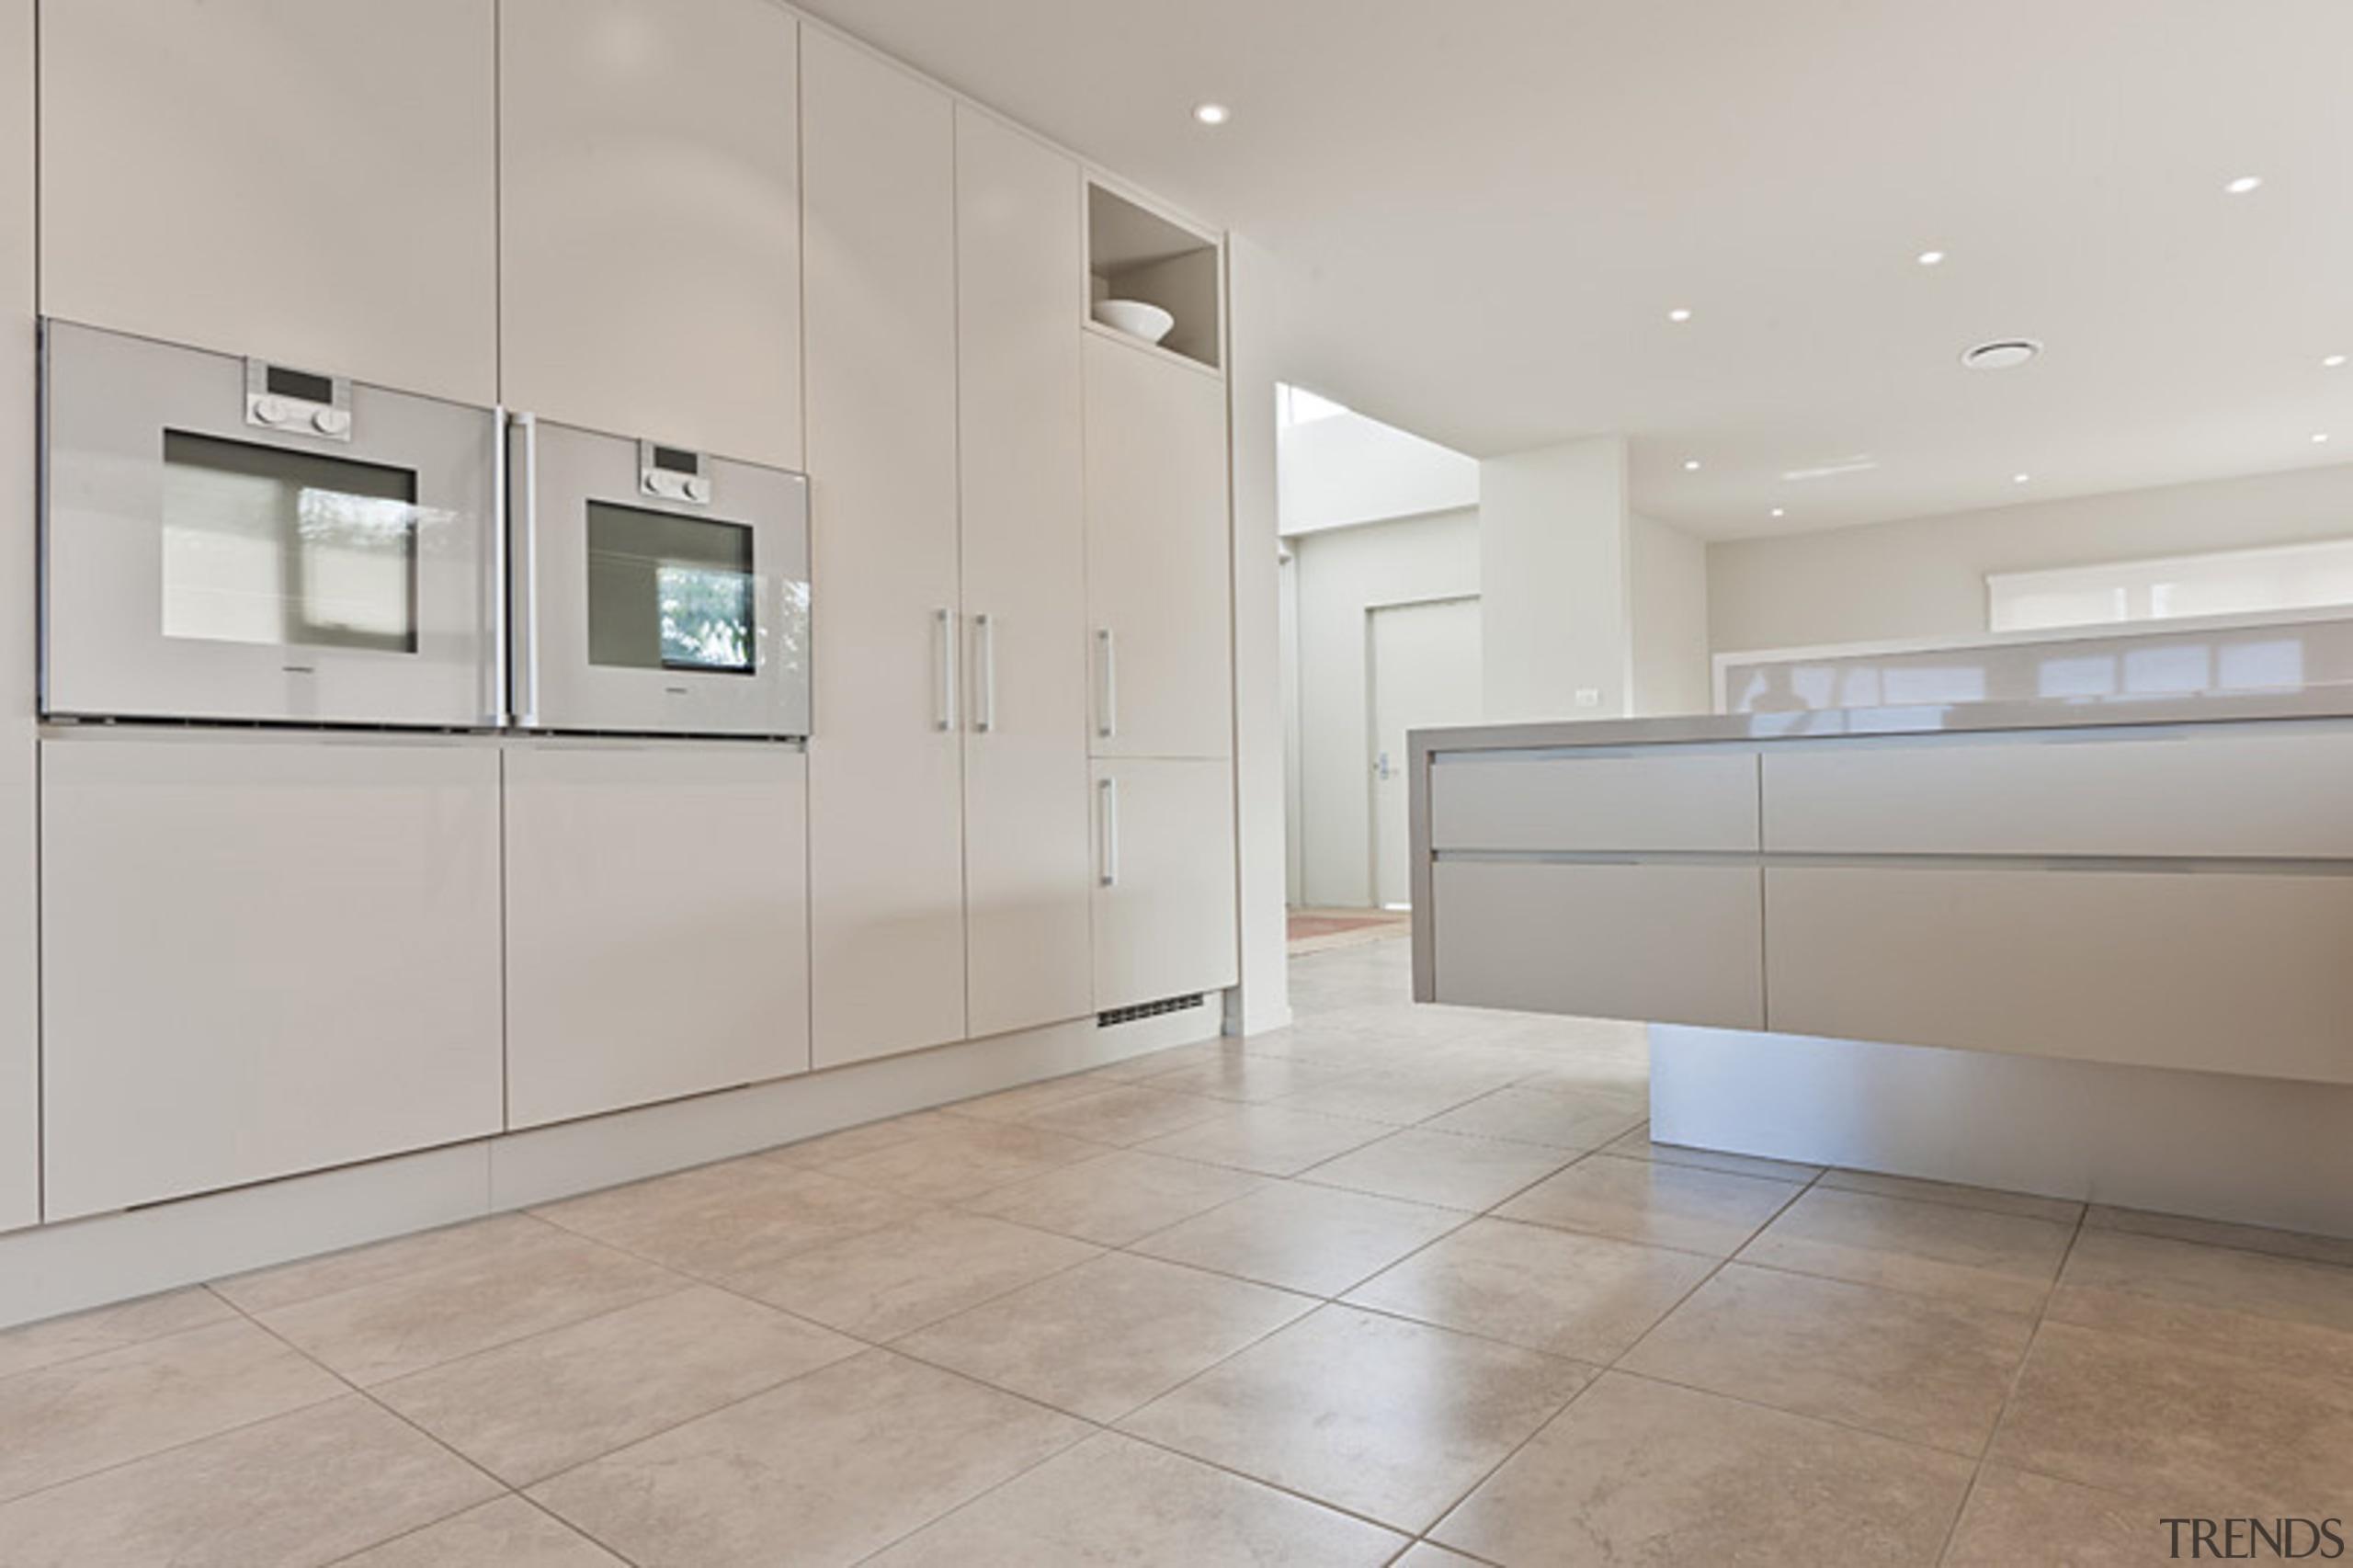 Pauanui - architecture | floor | flooring | architecture, floor, flooring, interior design, property, real estate, tile, gray